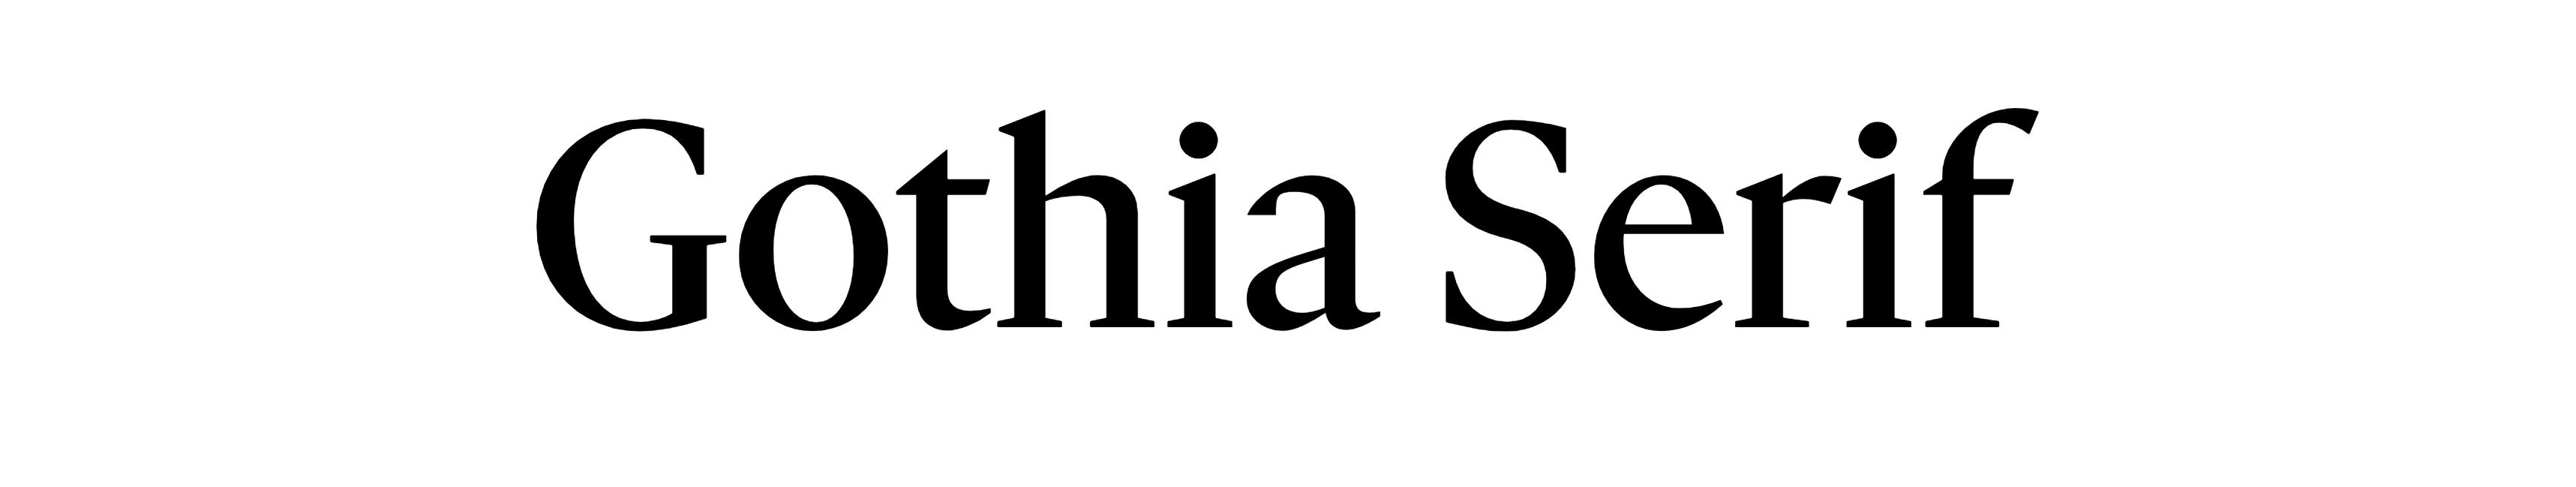 Gothia Serif